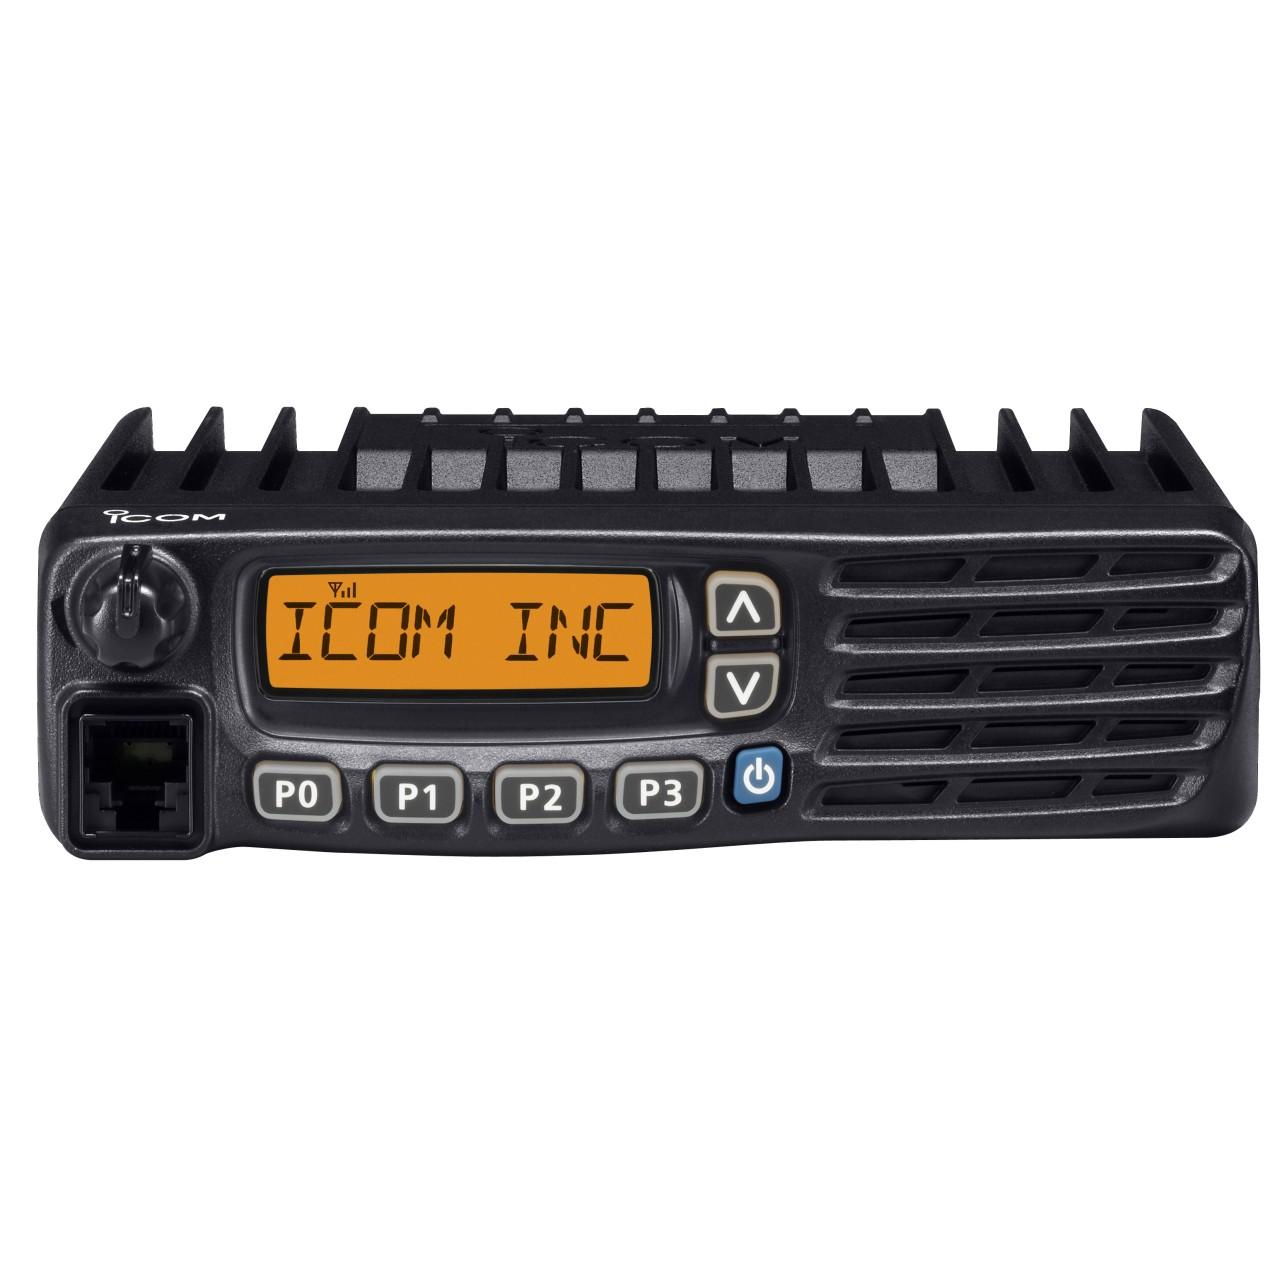 IC-F5122D Mobiles - ICOM